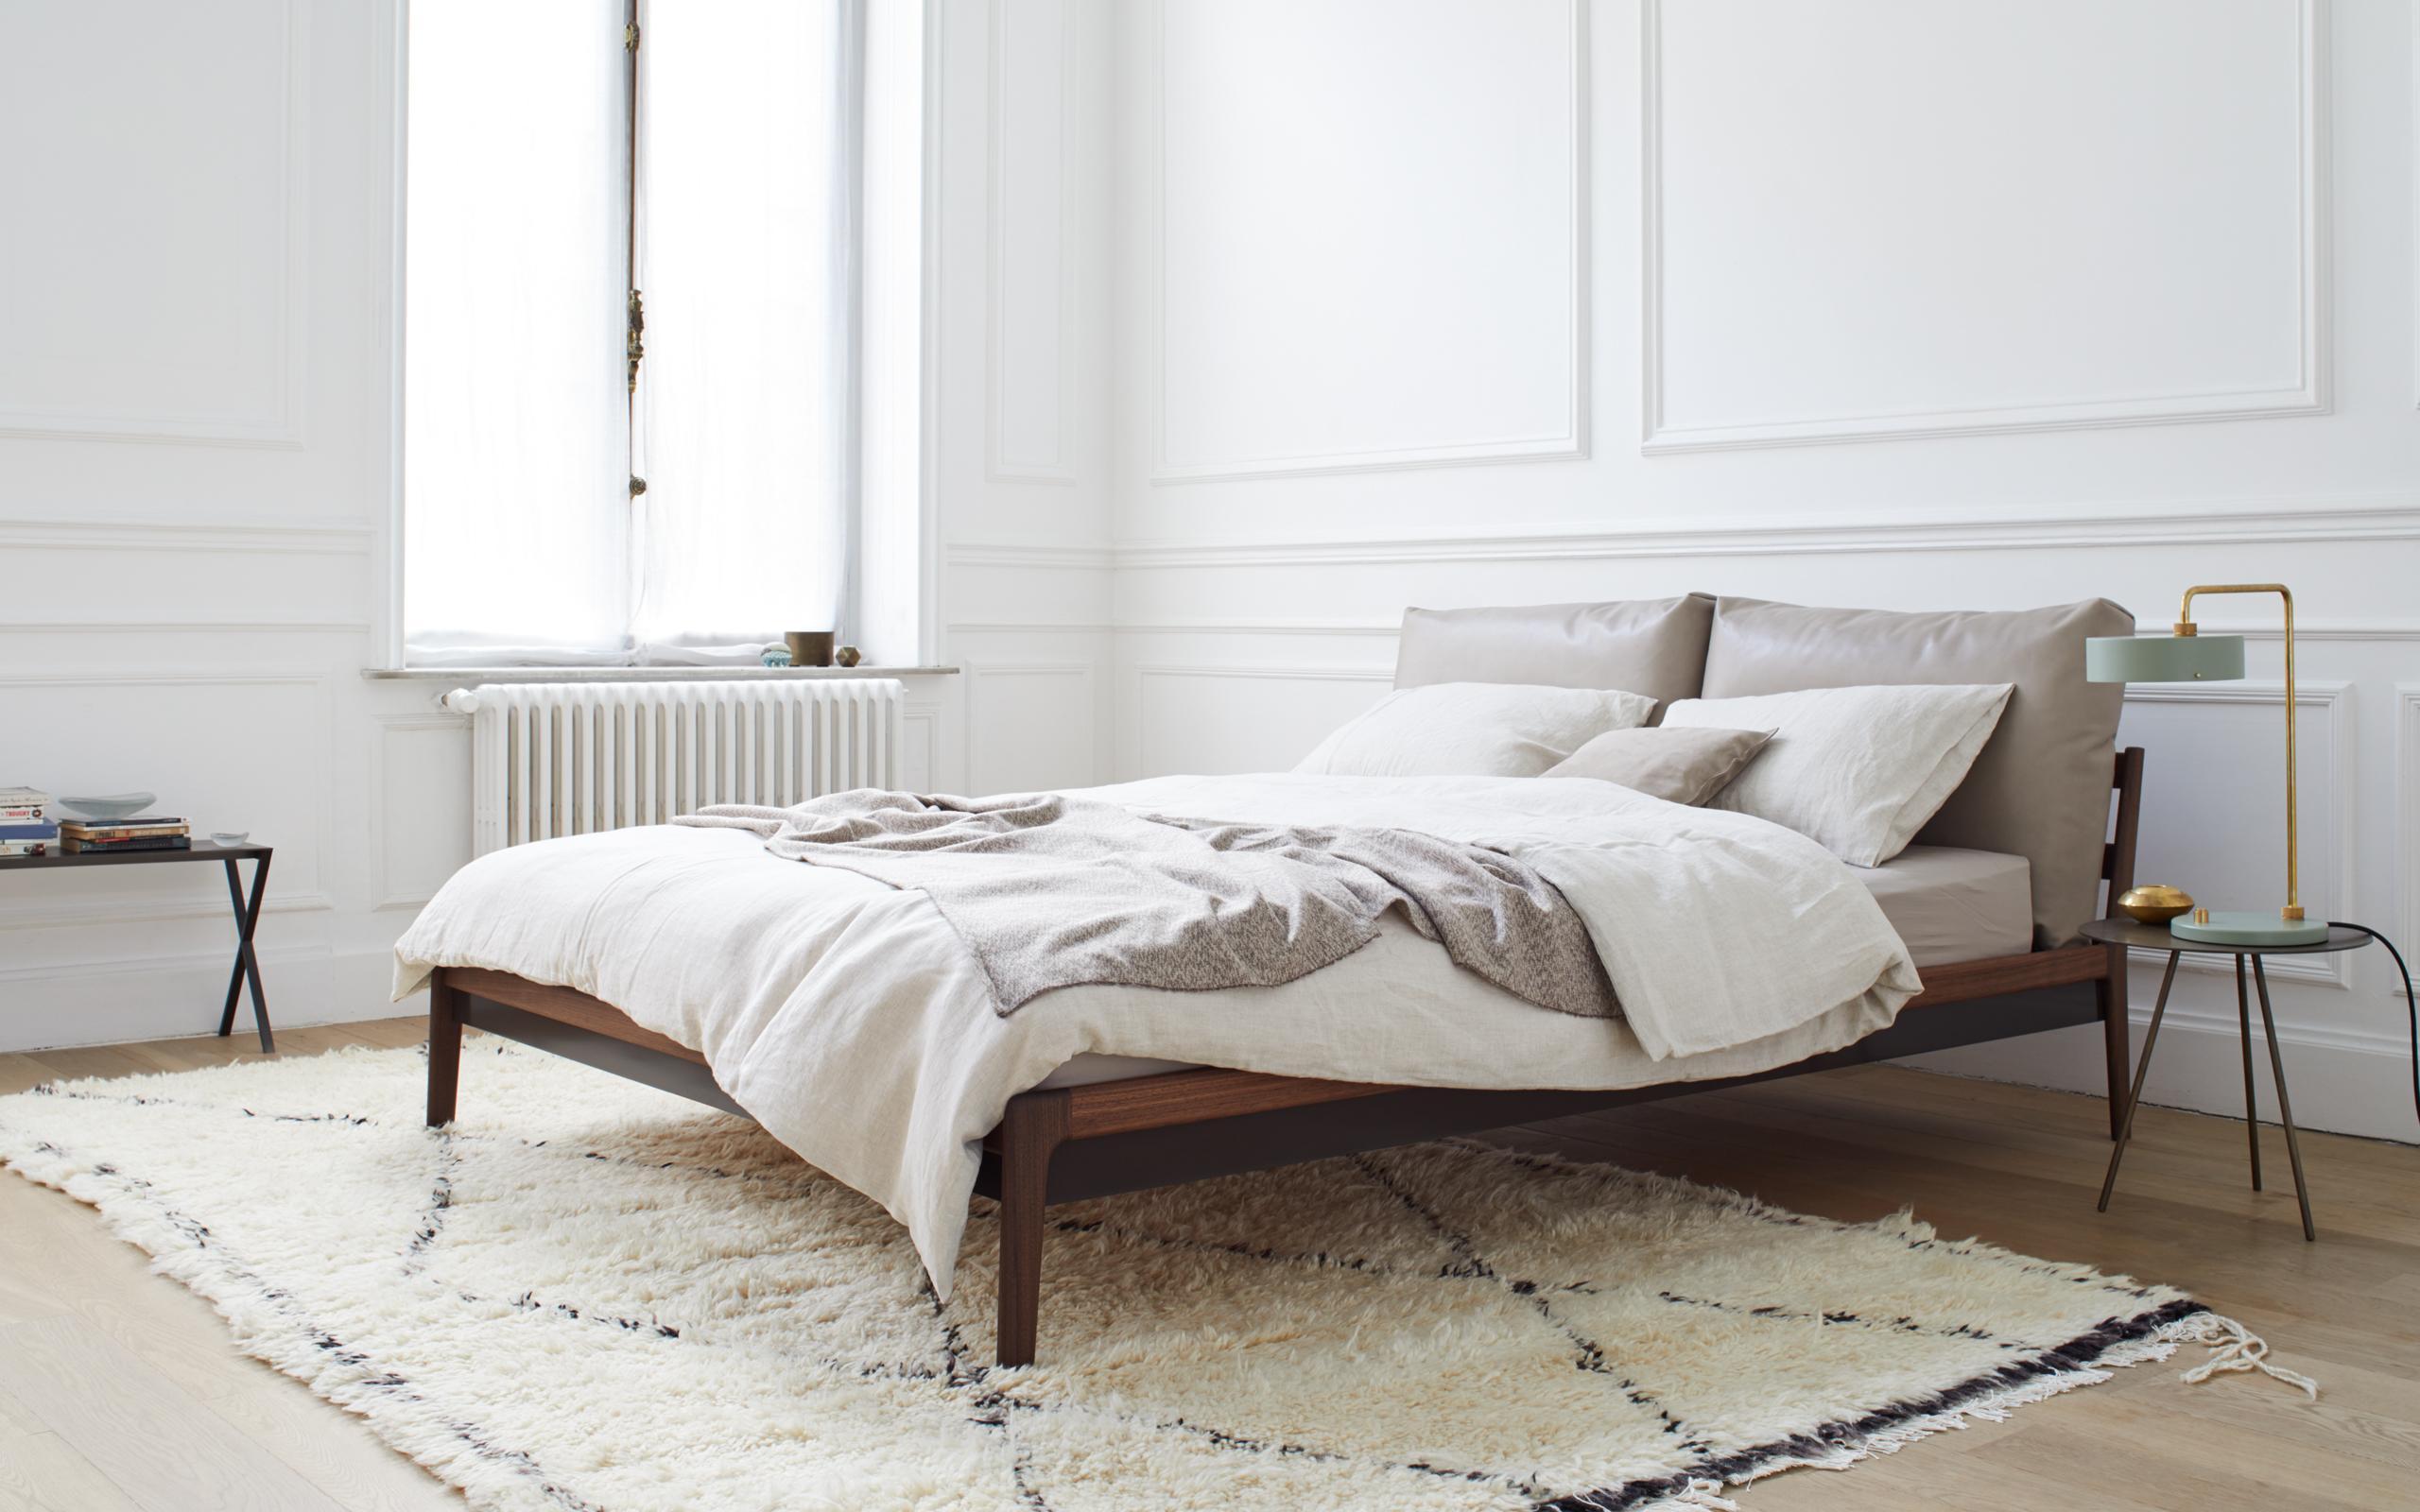 Genial Bett Minimalistisch Sammlung Von Massivholzbett Sova Von [more] #bett #minimalistisch ©more